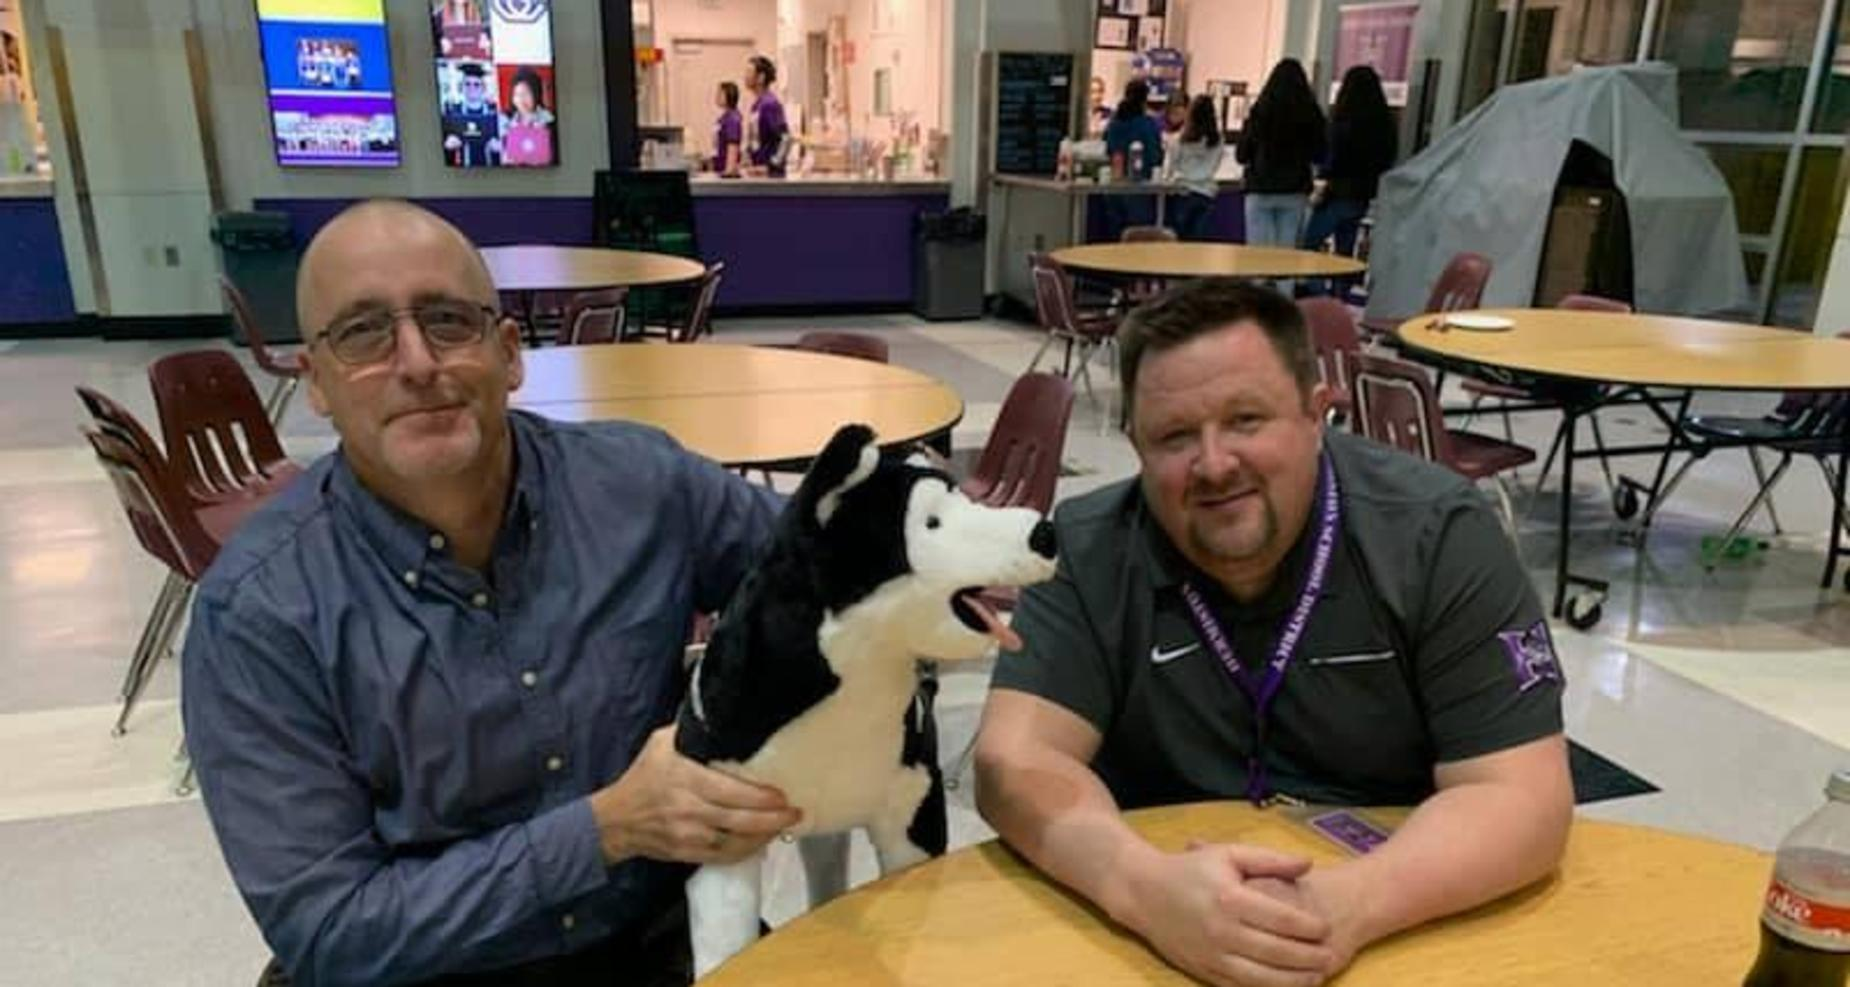 Mr. Spoo and Mr. Usher with Husky Dog